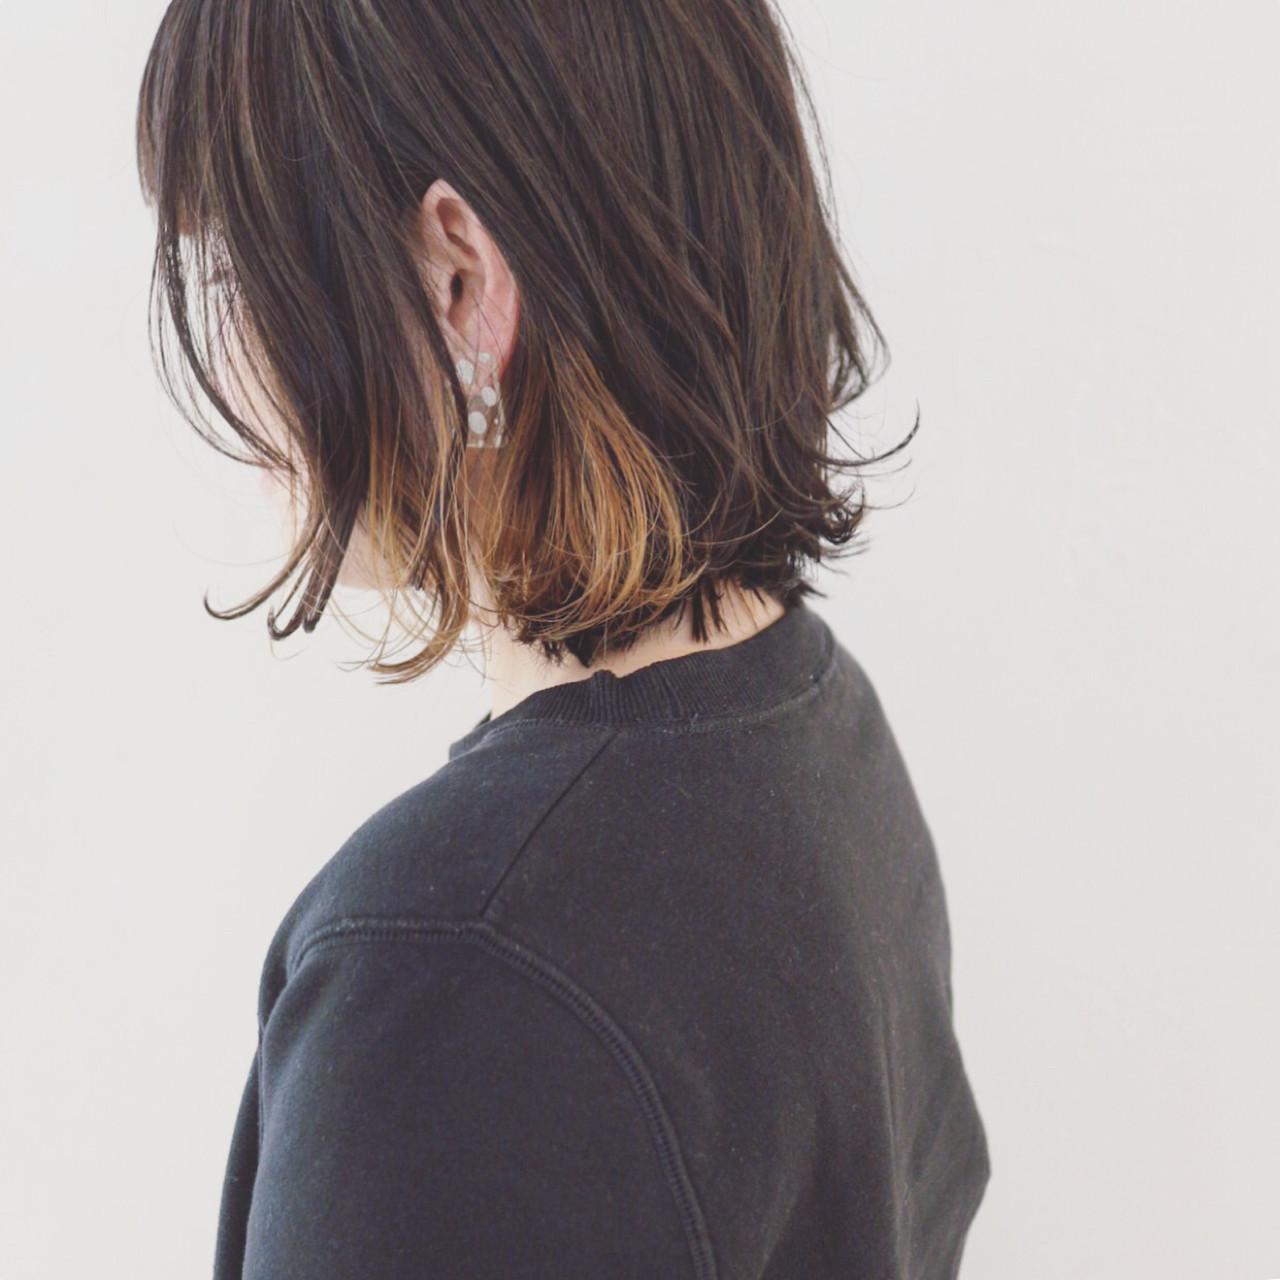 インナーカラー 黒髪 ストリート ボブ ヘアスタイルや髪型の写真・画像 | 三好 佳奈美 / Baco.(バコ)